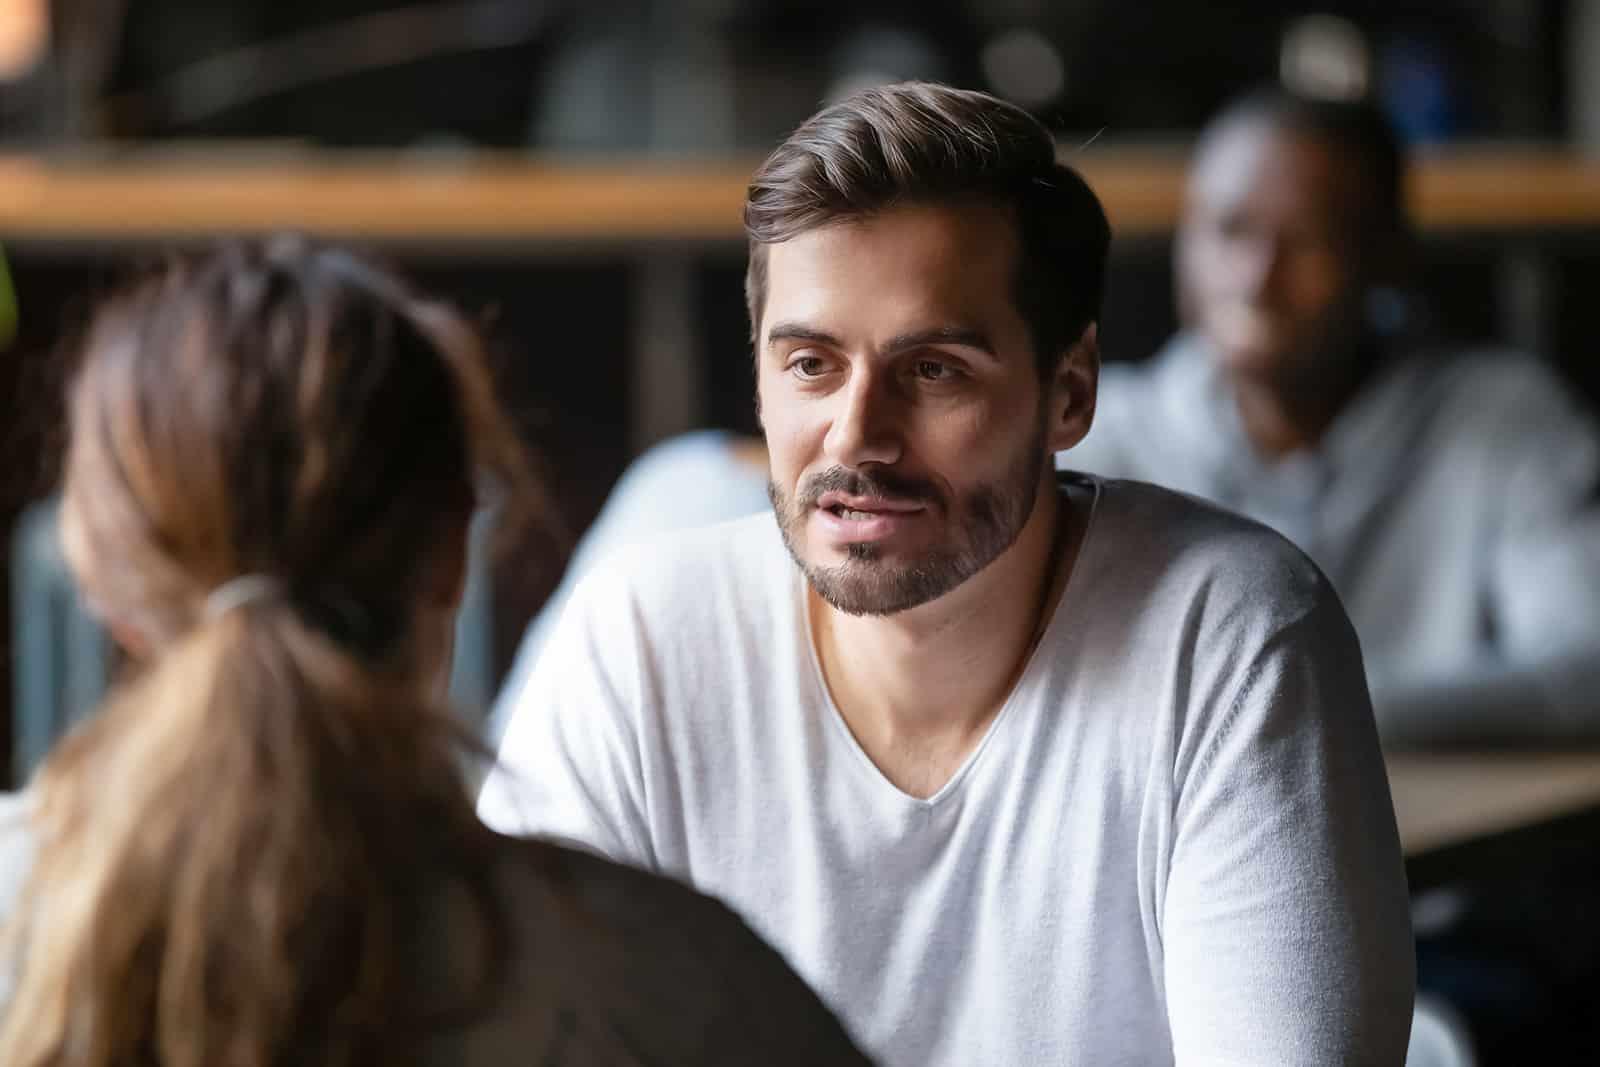 ernsthafter Mann, der ein Gespräch mit einer Frau hat, während er am Tisch sitzt